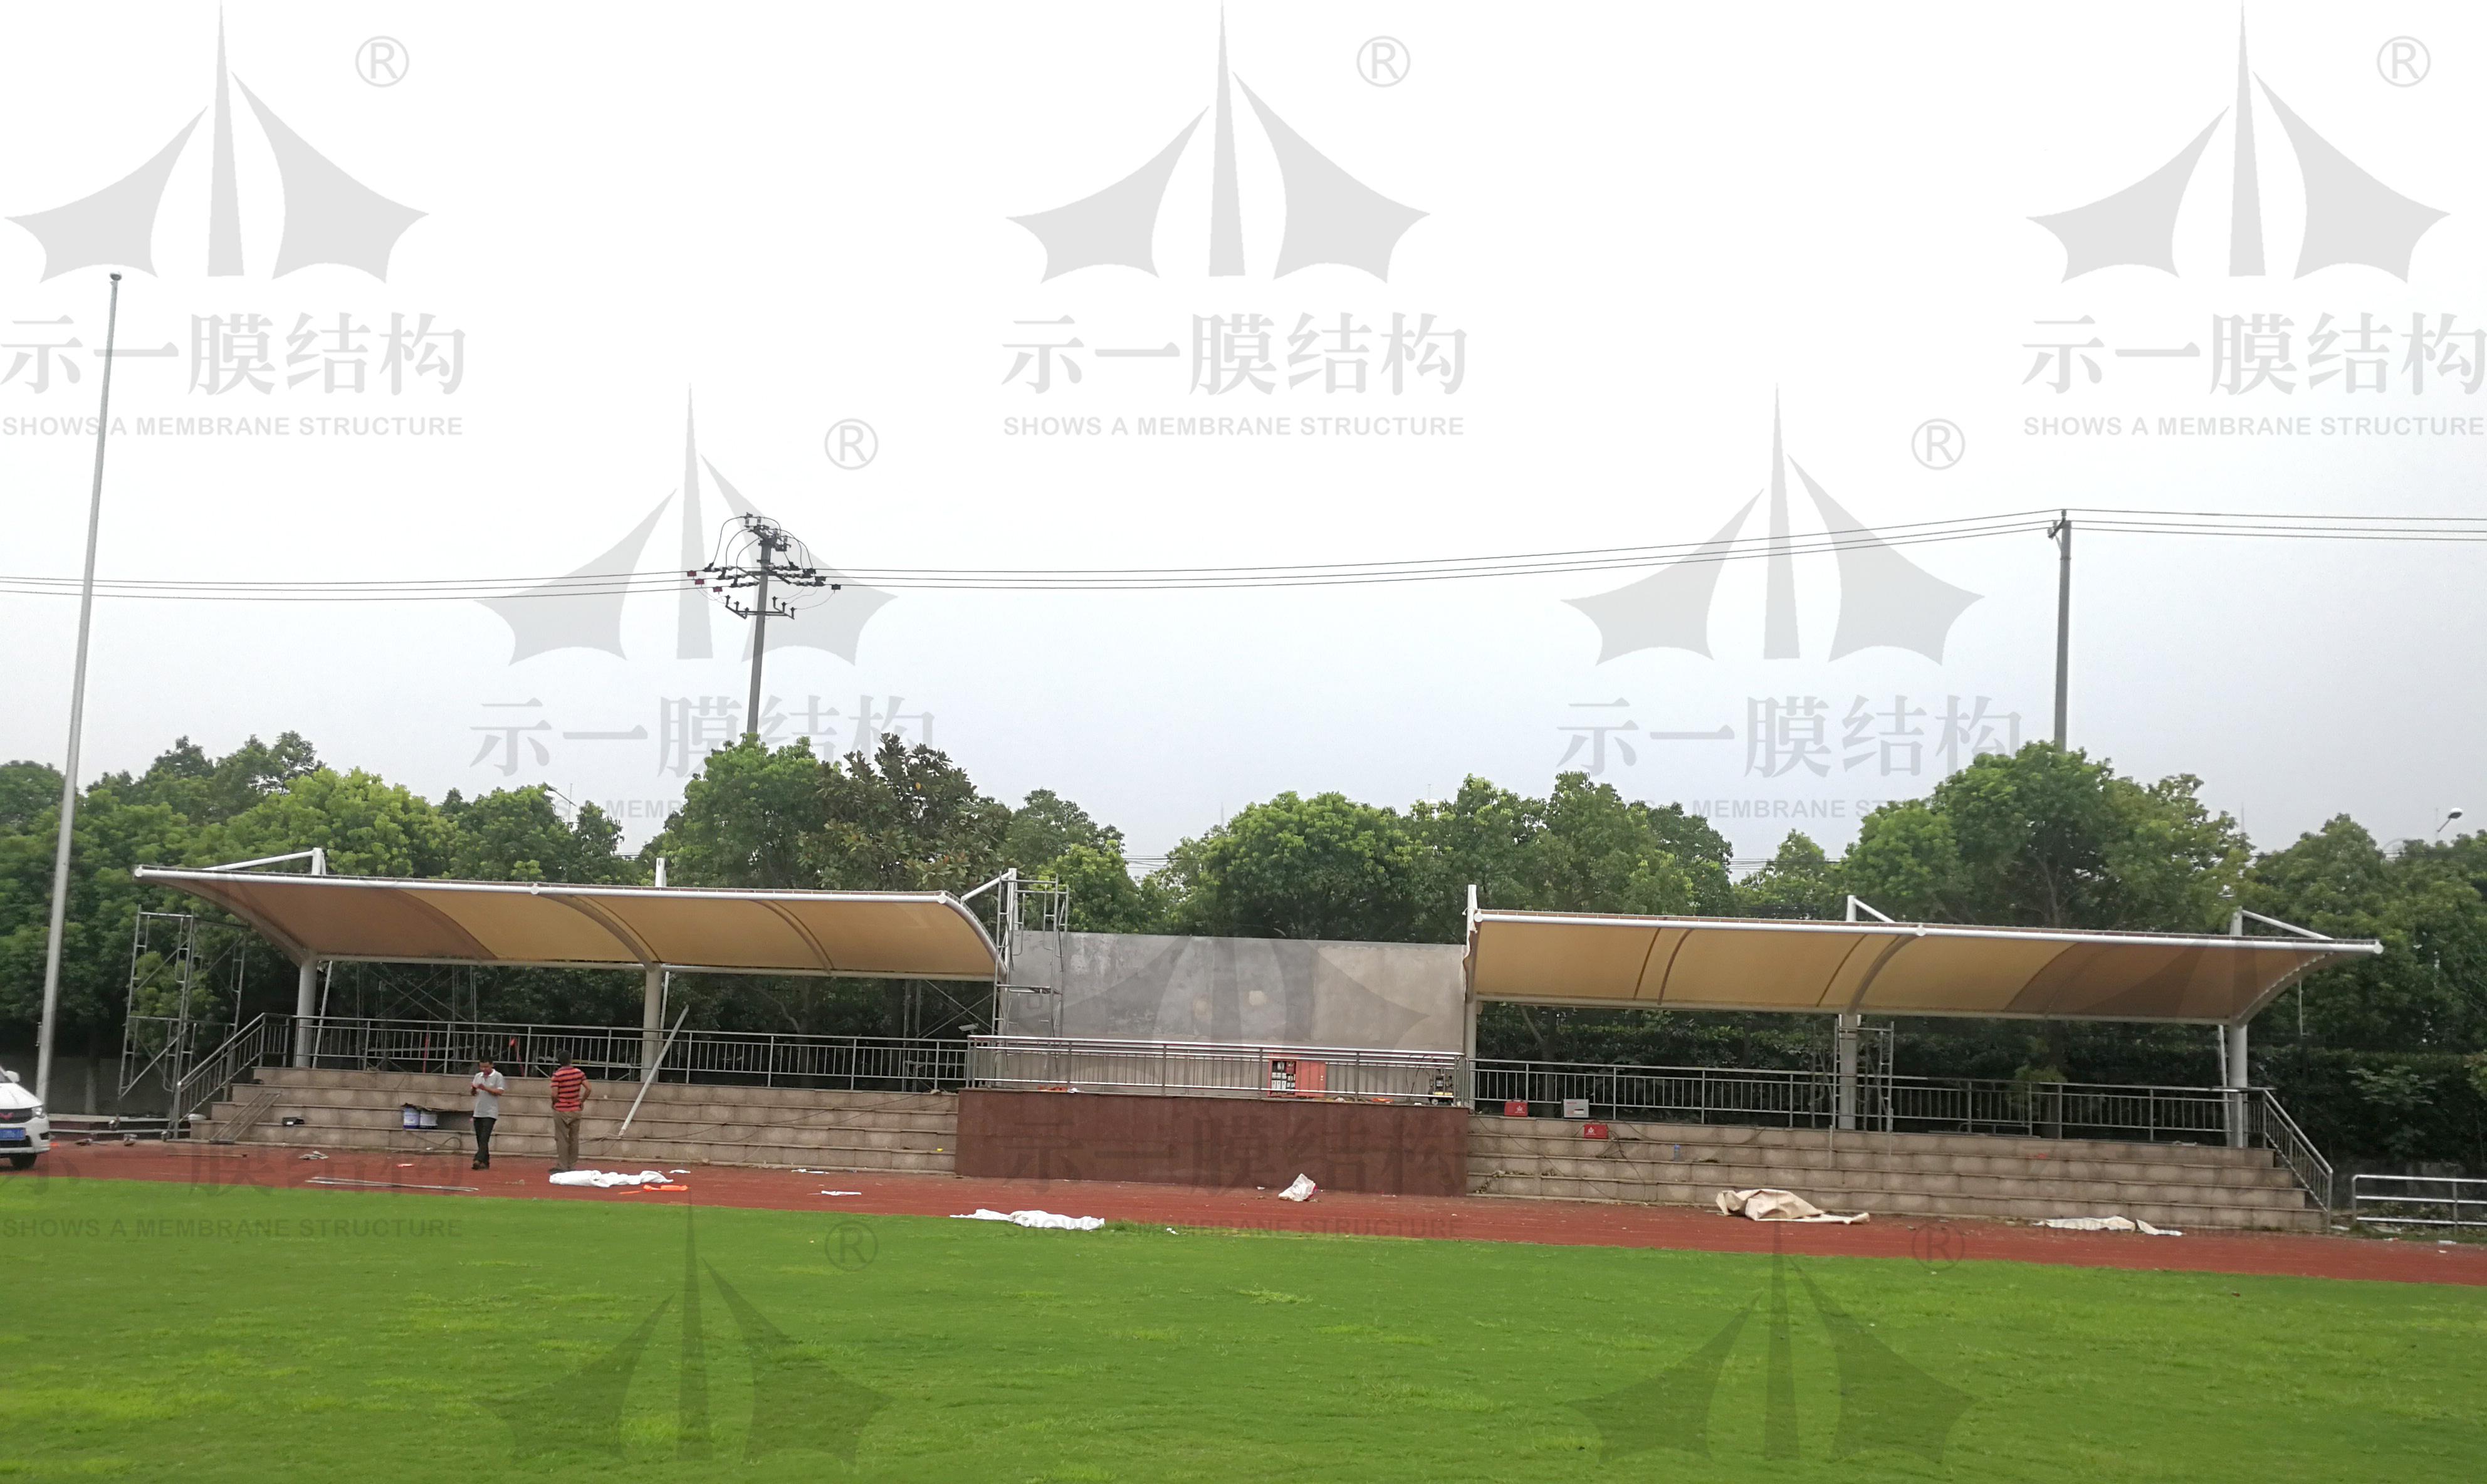 上海示一膜结构上海宝山中学体育看台膜结构